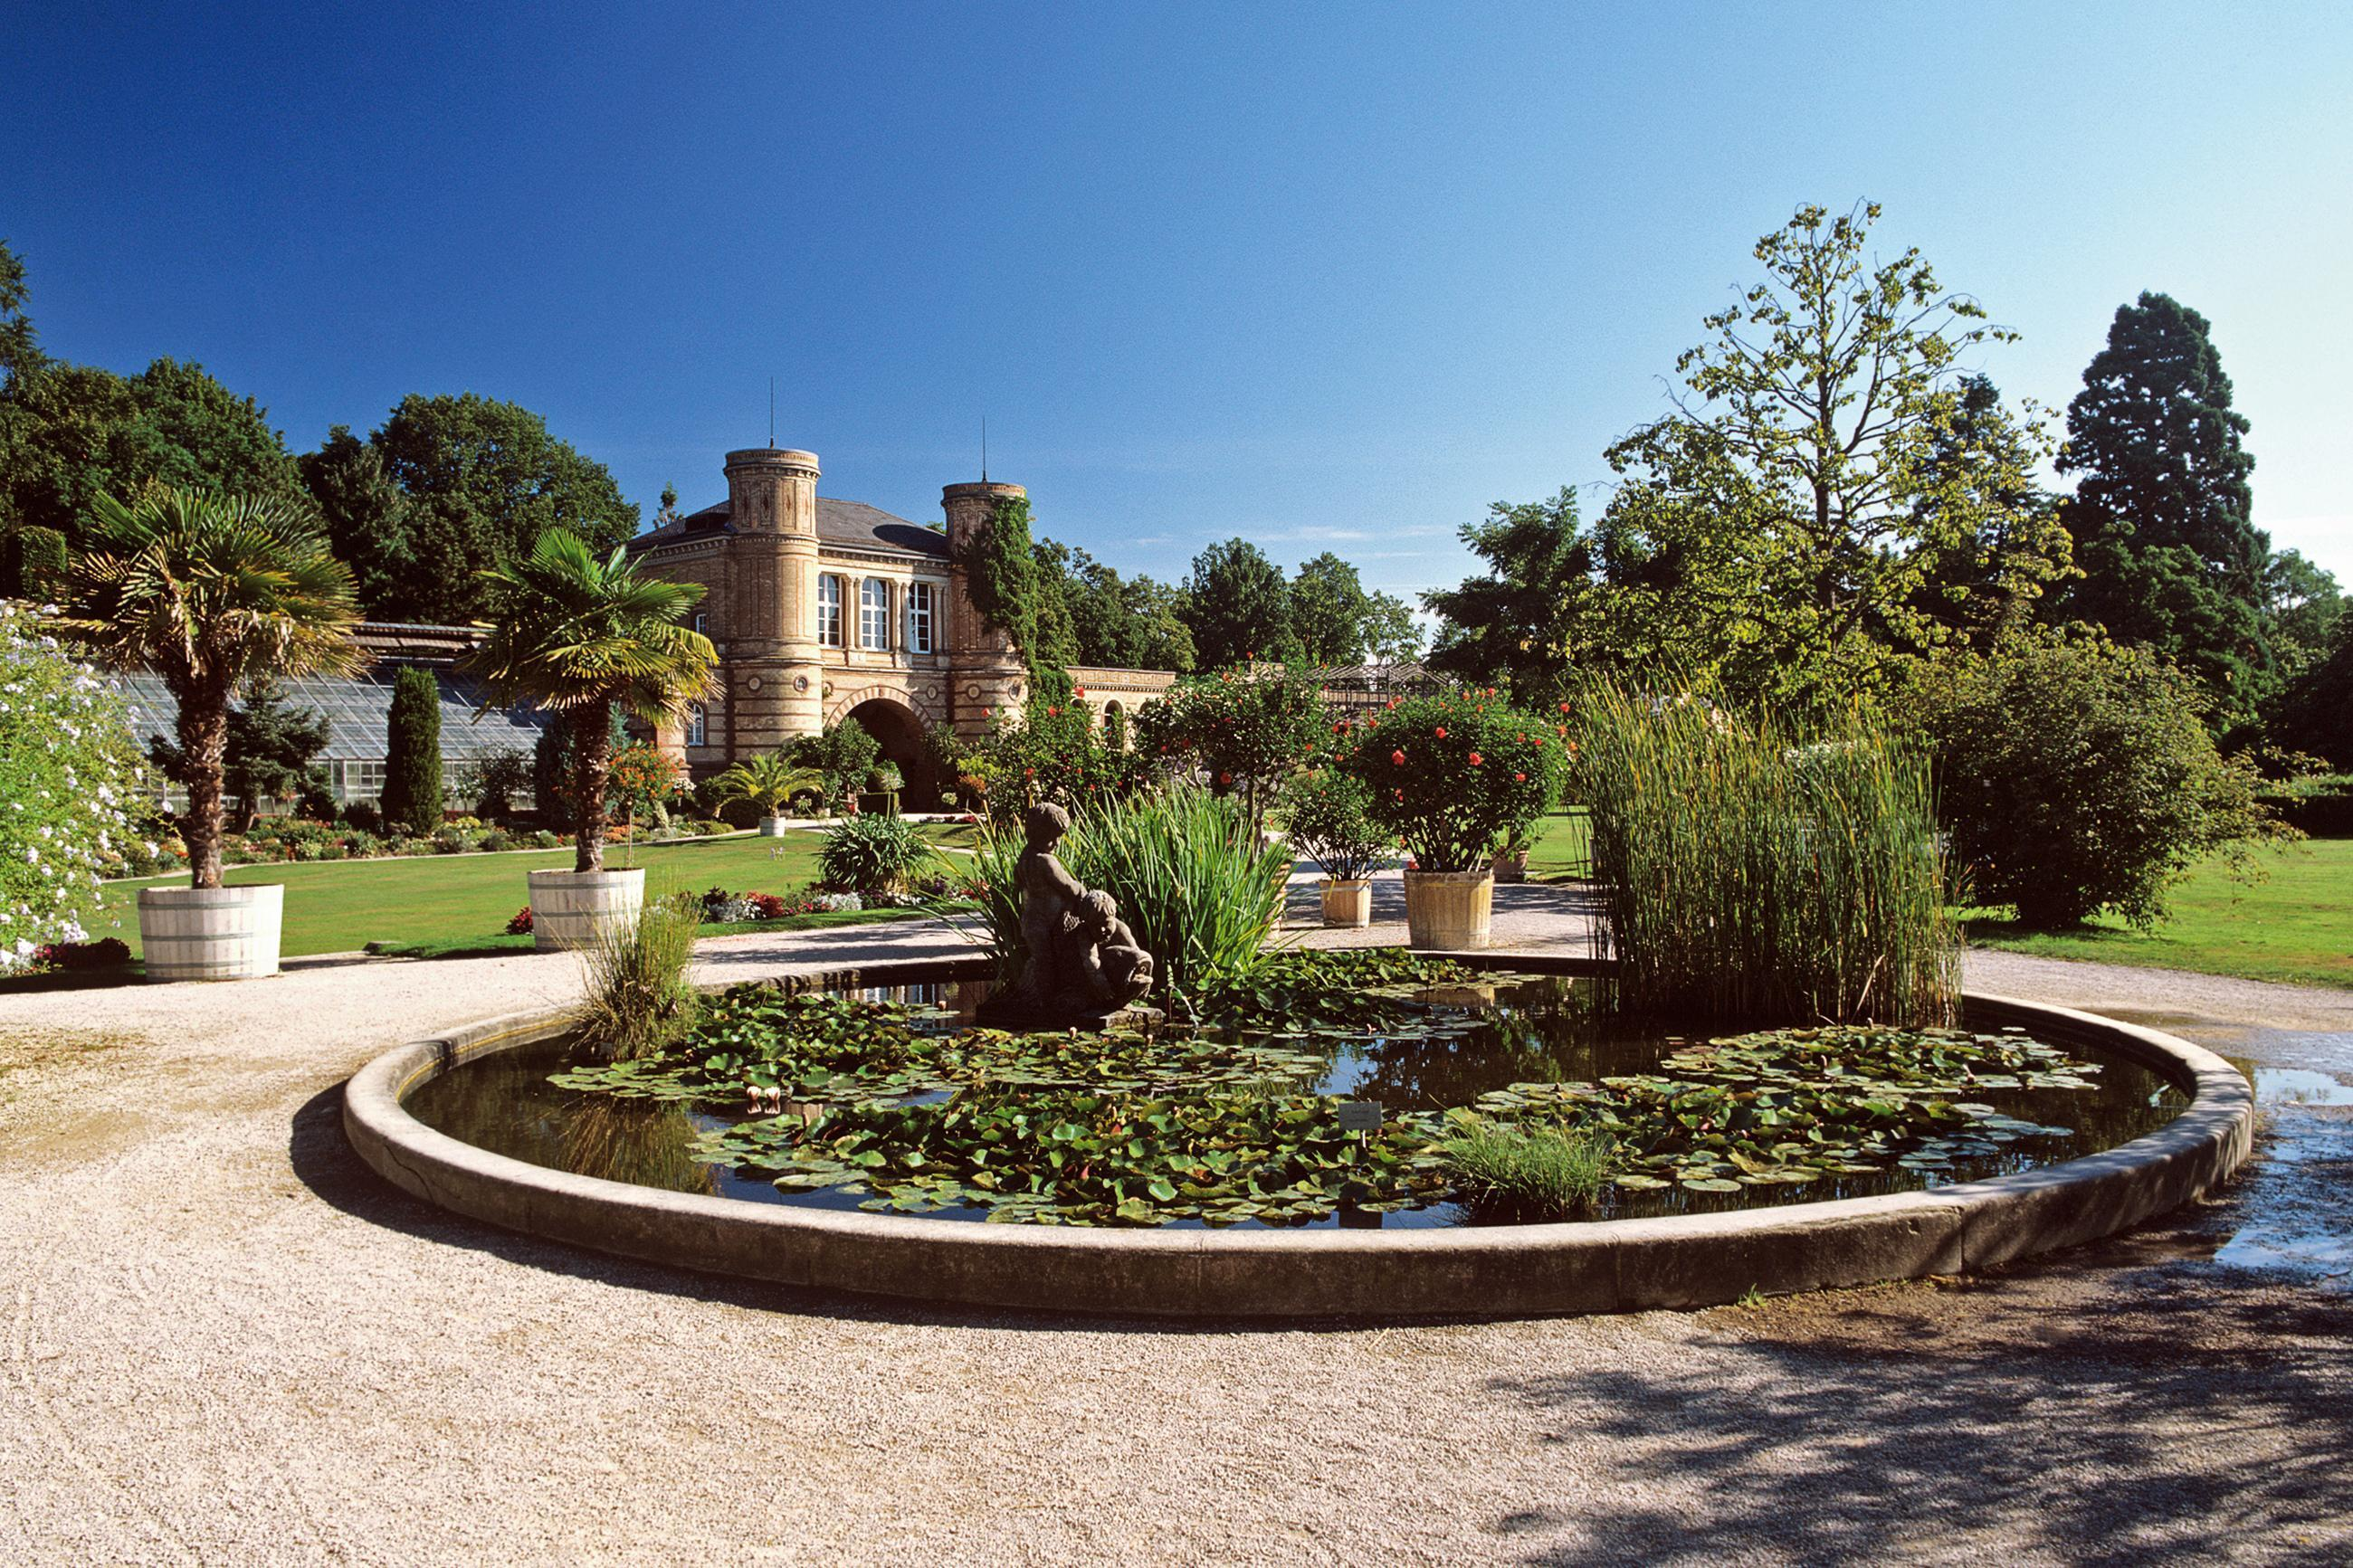 Torbogengebäude und Bassin im Botanischen Garten Karlsruhe; Foto: Staatliche Schlösser und Gärten Baden-Württemberg, Andrea Rachele